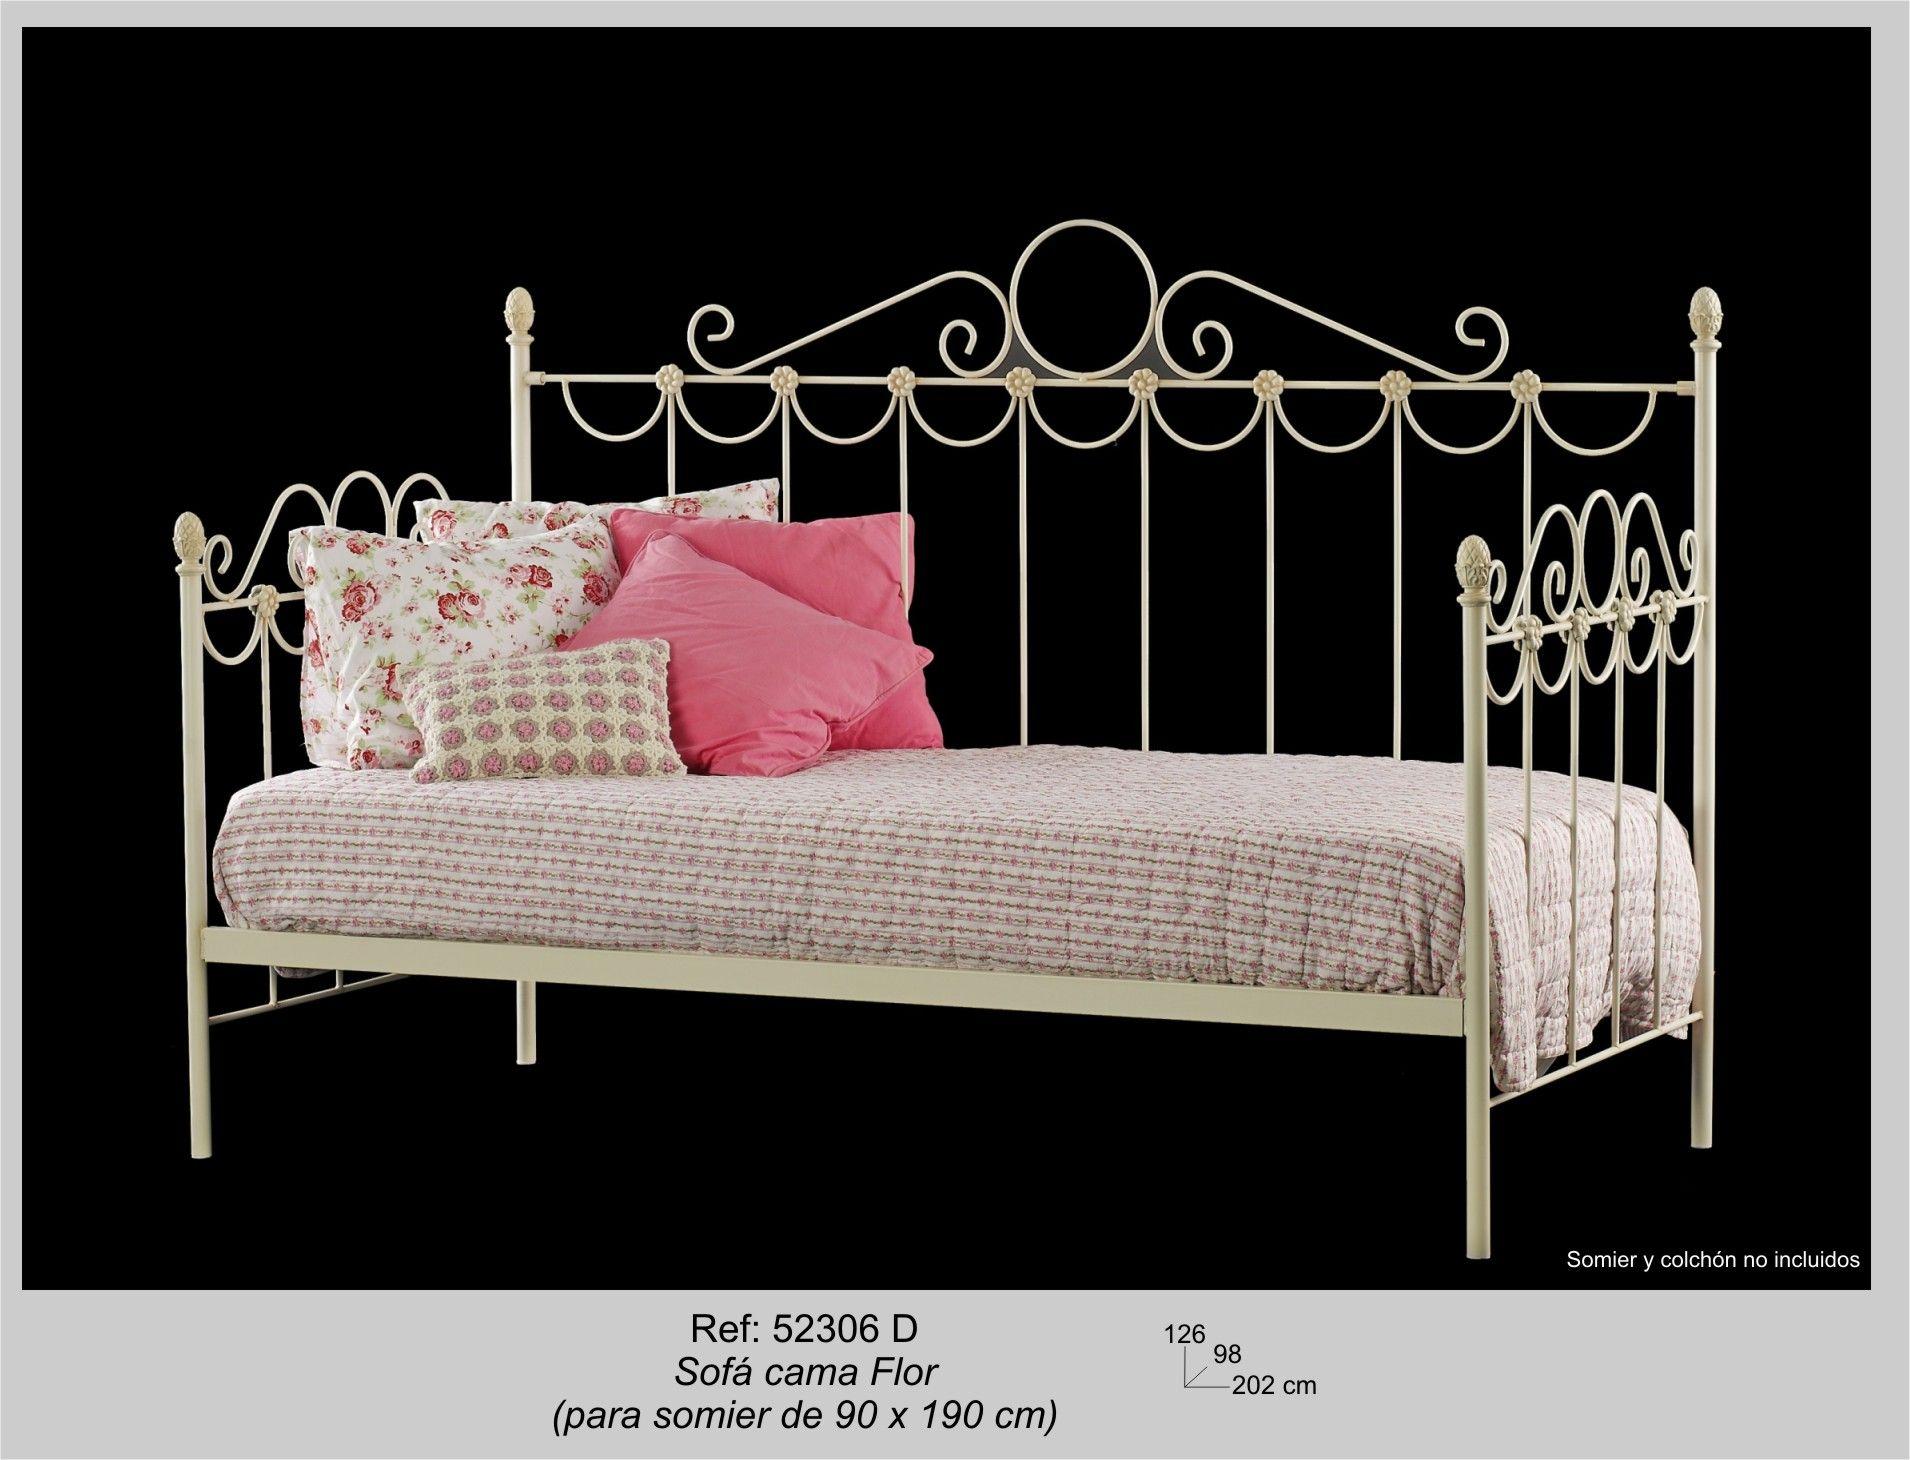 sofa cama flor sin colch n y somier su estilo en forja